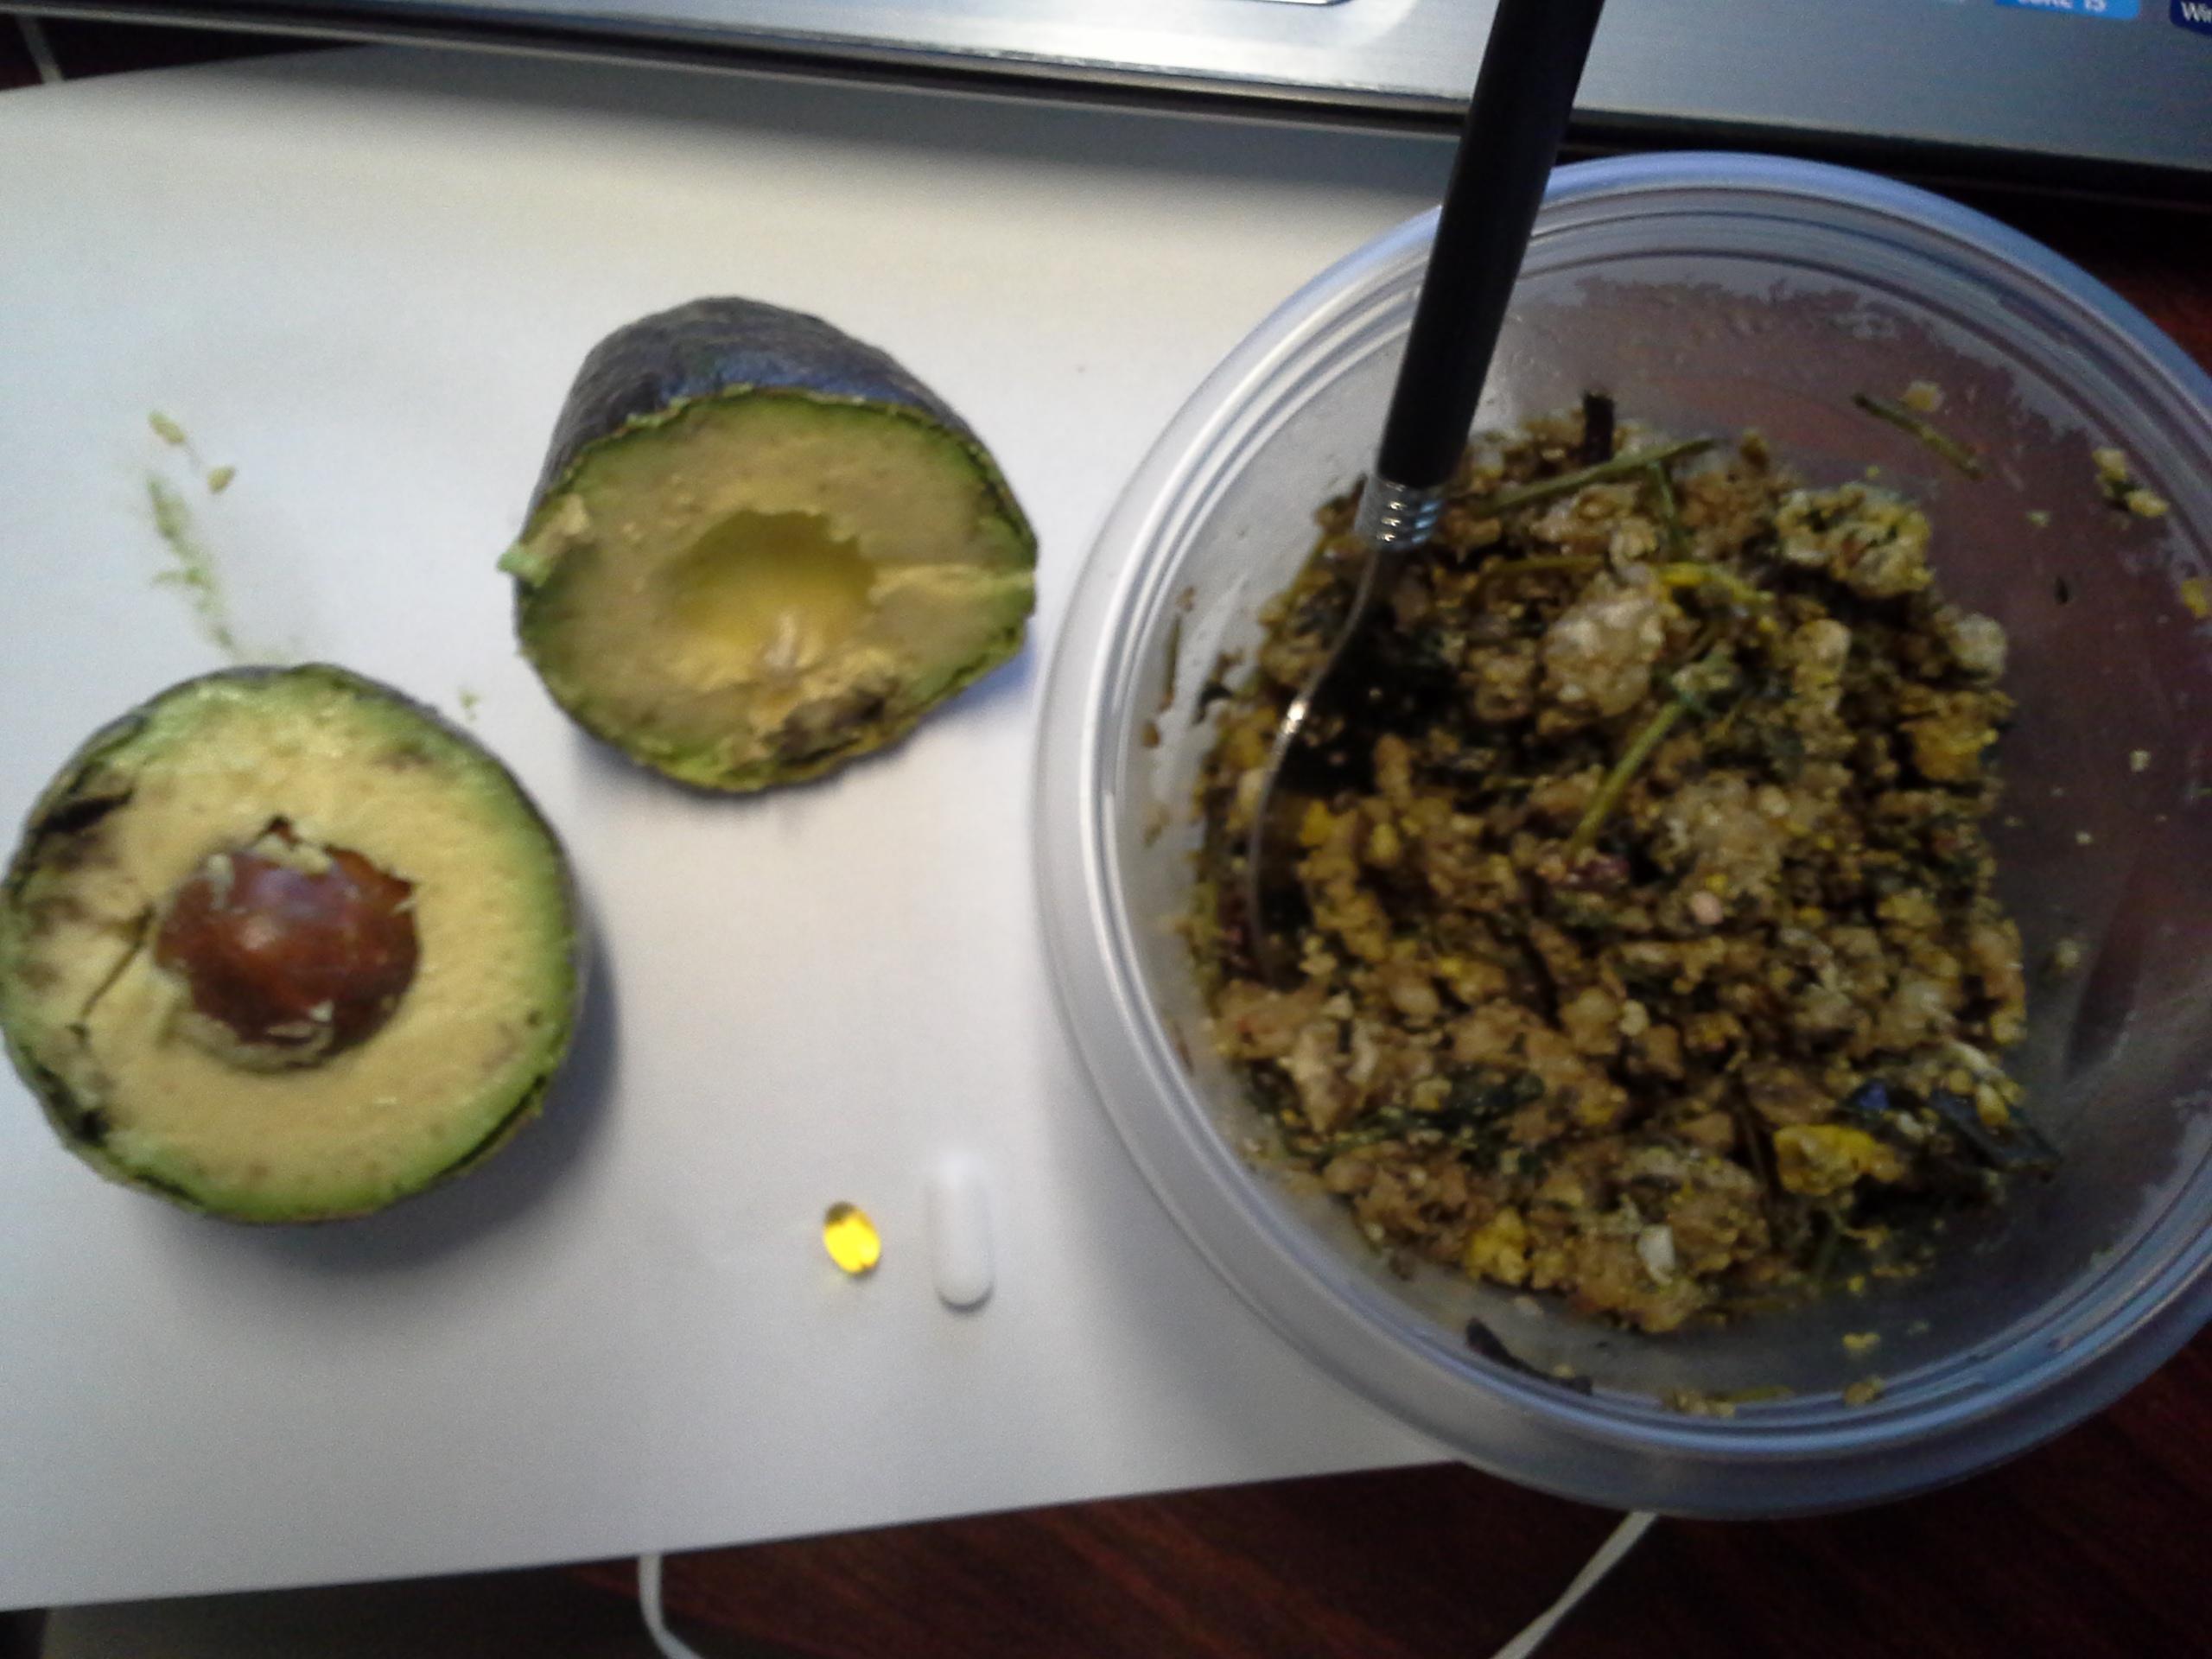 Lunch: 4:55 p.m. | 1 avocado, pork sausage, eggs, carrot greens, greens mix, coconut oil, herbs & spices, 5,000 IU Vitamin D capsule, Calcium/Magnesium/Zinc caplet